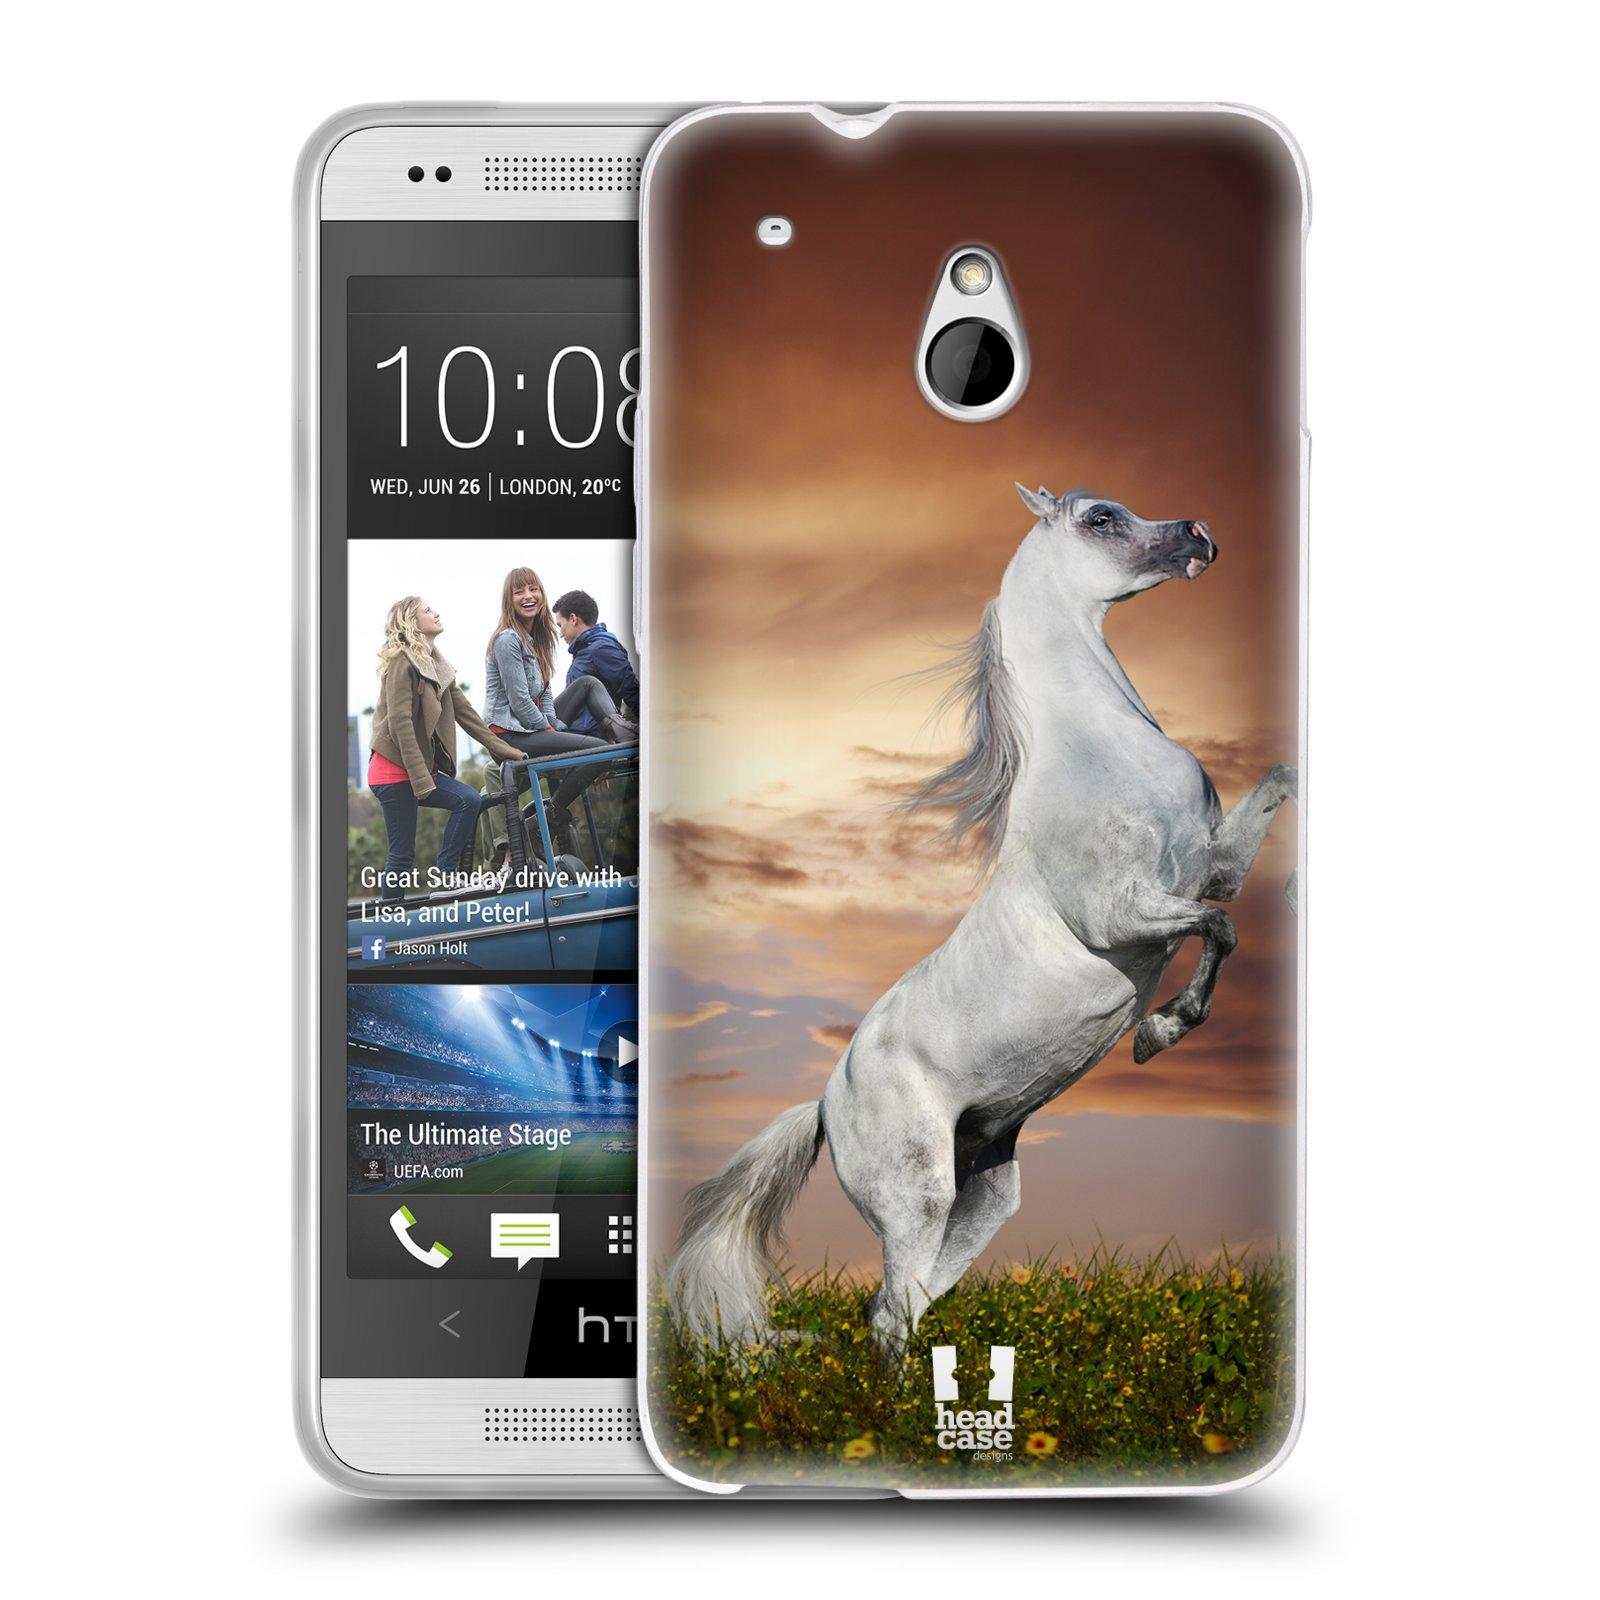 HEAD CASE silikonový obal na mobil HTC ONE MINI (M4) vzor Divočina, Divoký život a zvířata foto DIVOKÝ KŮŇ MUSTANG BÍLÁ